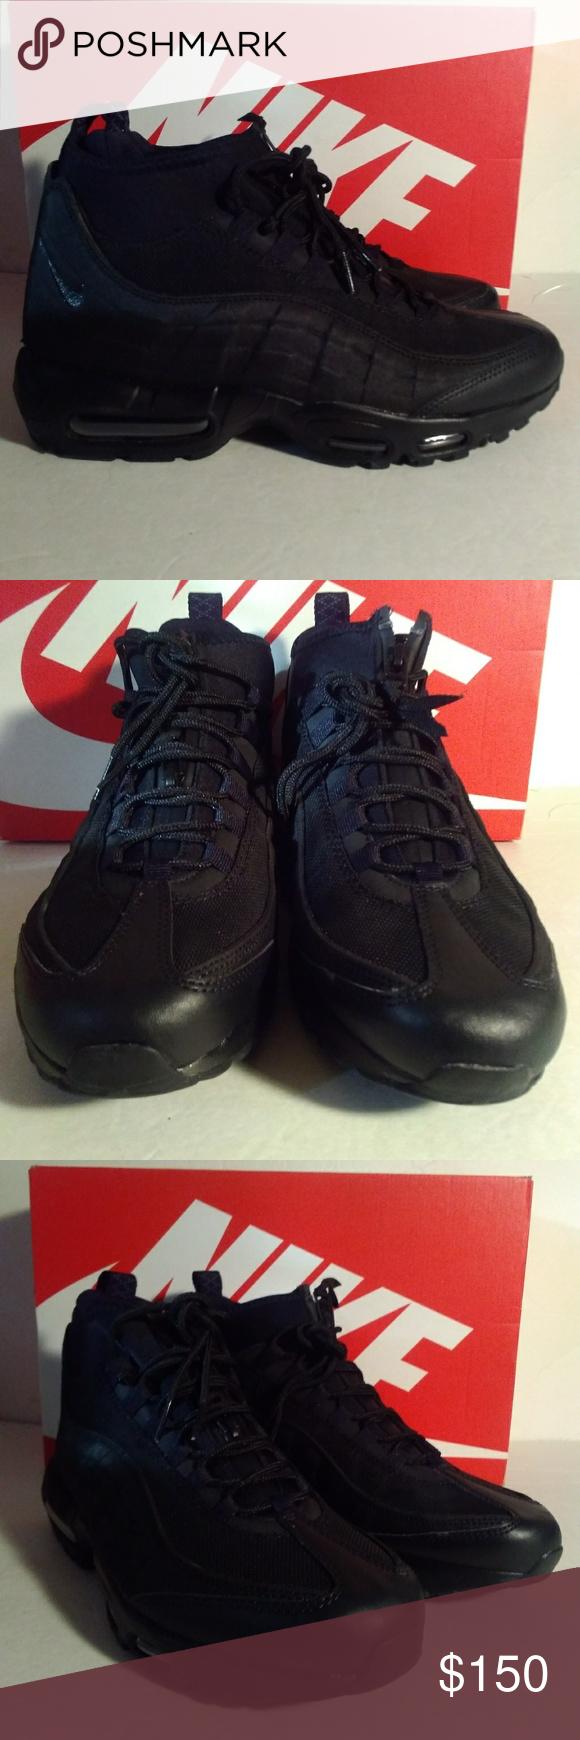 online store 89140 6e703 Nike Air Max 95 Sneakerboot 806809-002 Men Sz 8.5 Nike Air Max 95  Sneakerboot